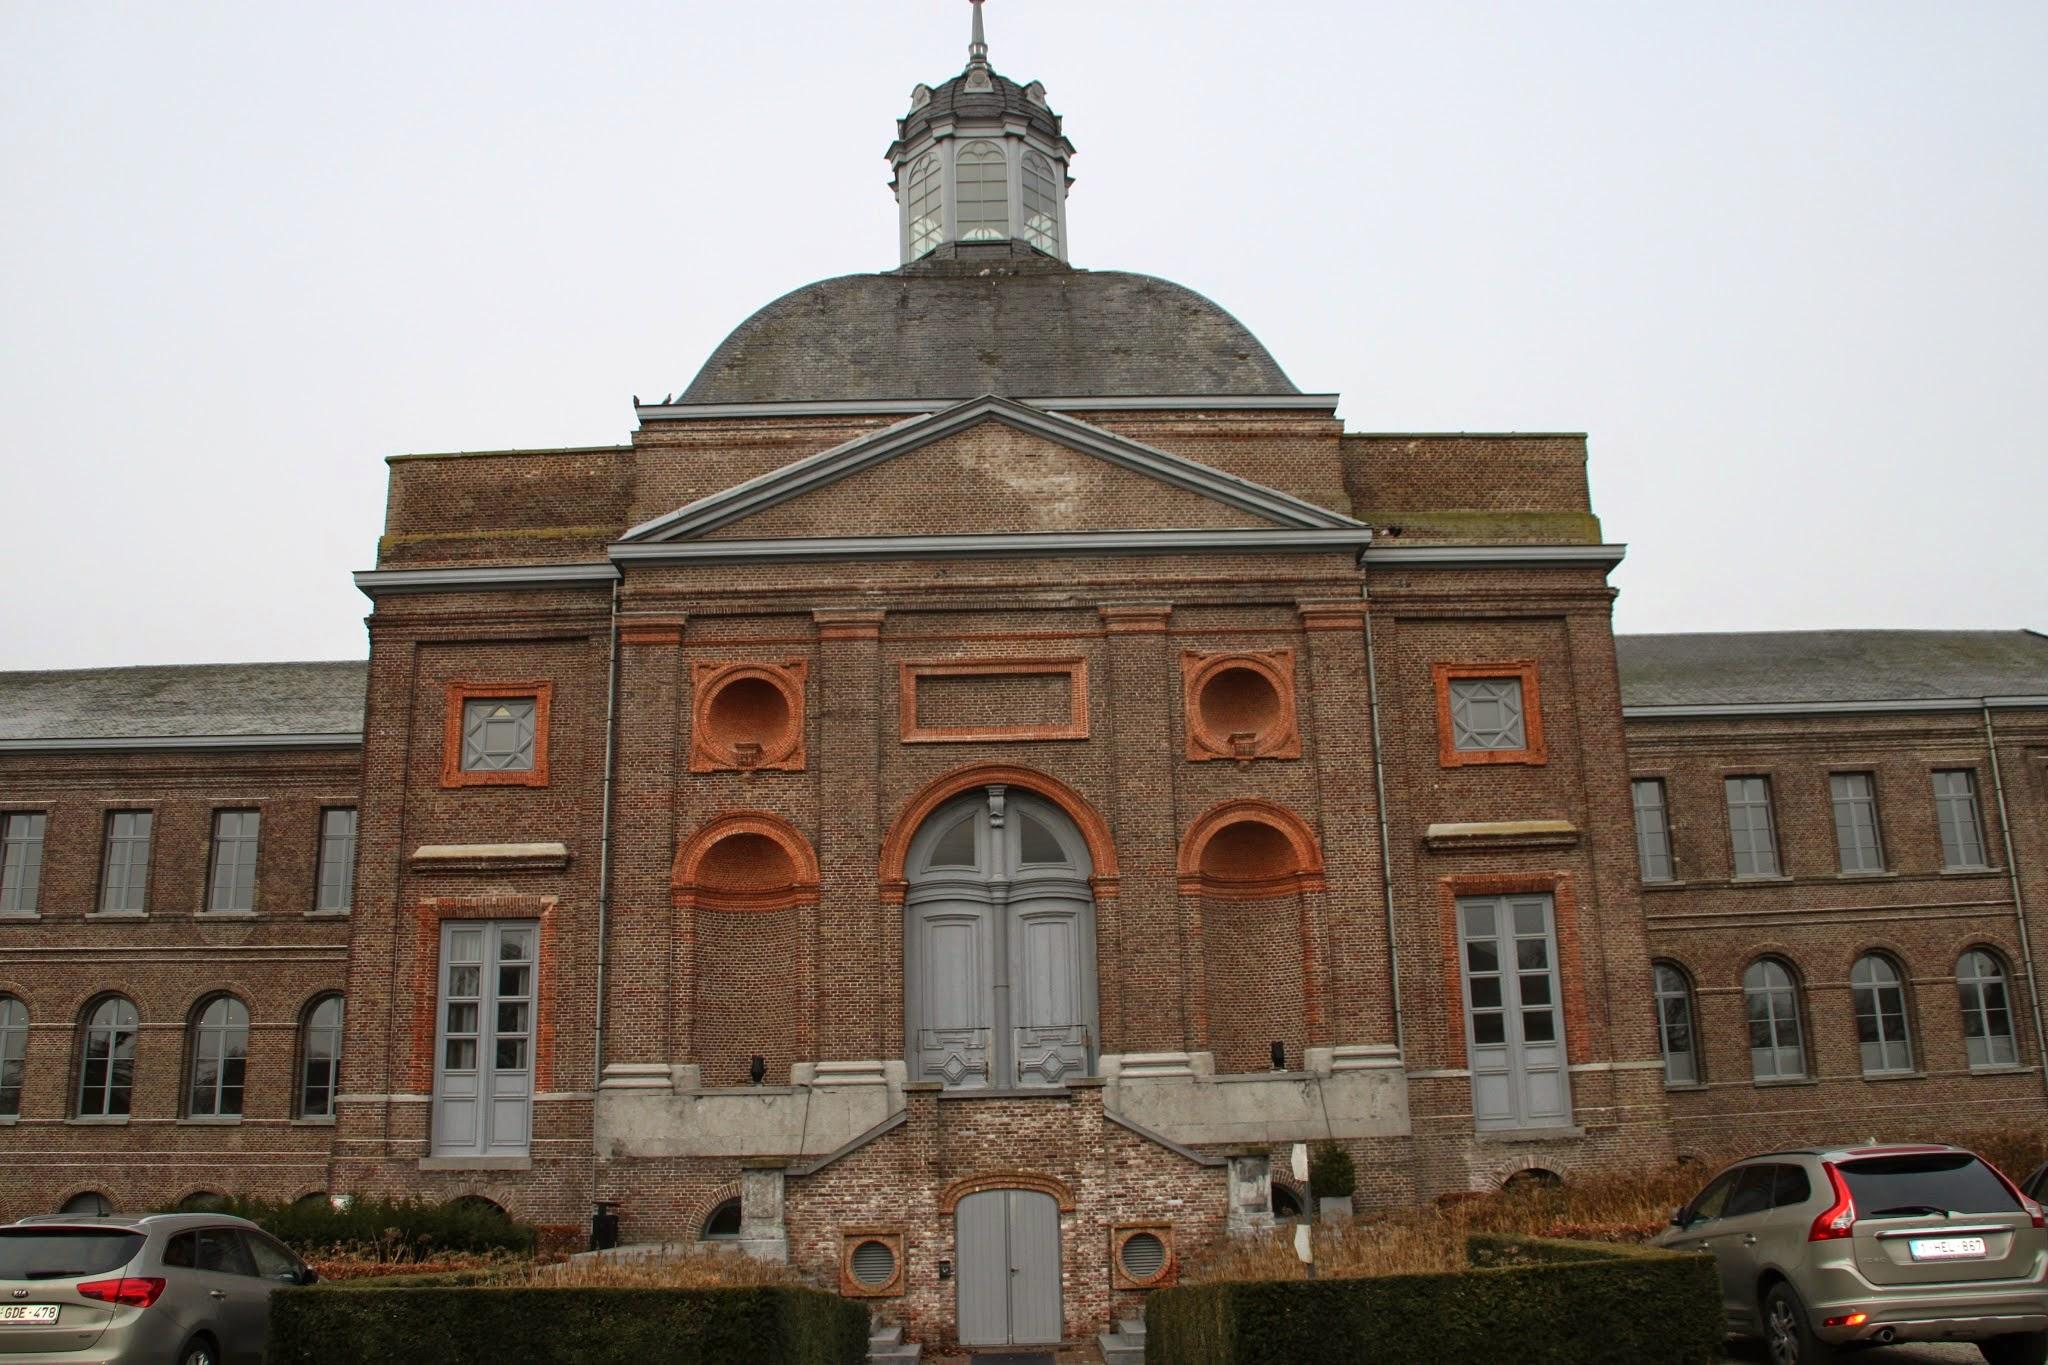 Photo: Het Godshuis, 75 meter lang en 56 meter breed, werd tussen 1843 en 1849 gebouwd in een neoclassicistische stijl met neobarokke en neorenaissancistische elementen